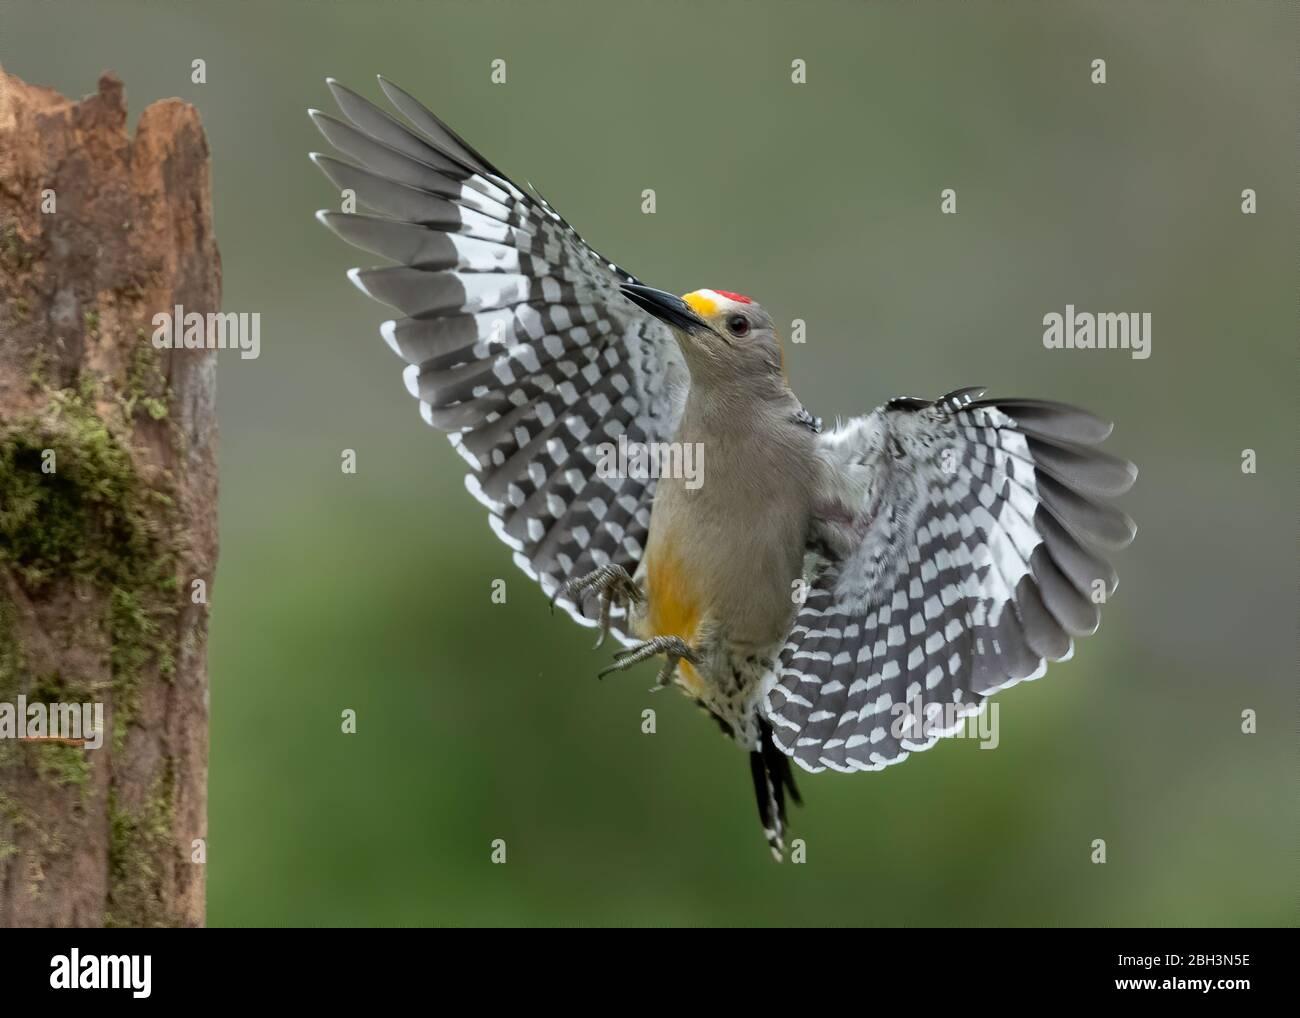 Golden-fronted Woodpecker (Melanerpes aurifrons), Alamo Texas, Rio Grande Valley, USA Stock Photo